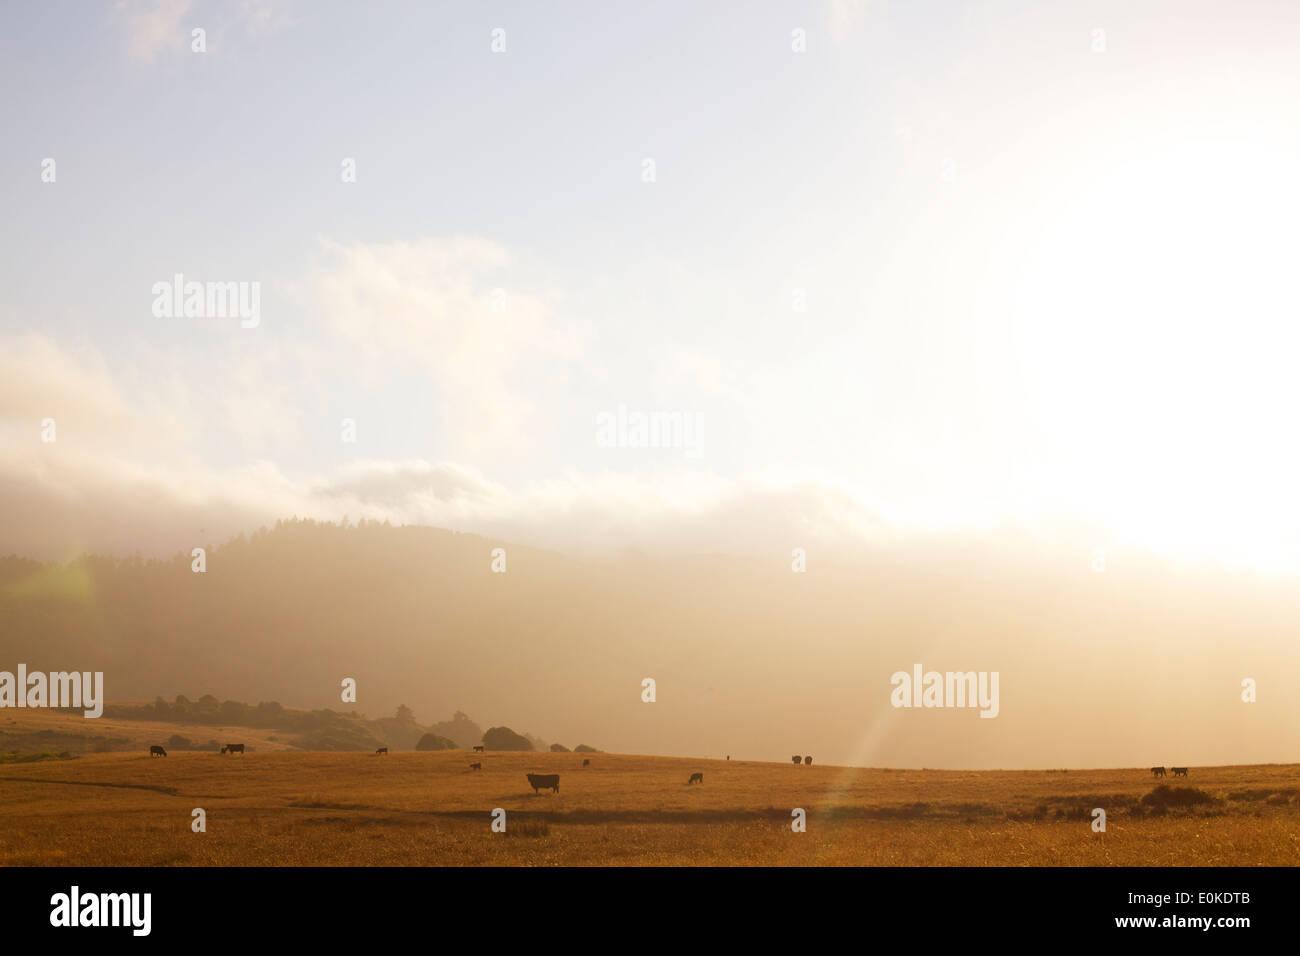 La nebbia in rotoli nella distanza di un paesaggio di mucche al pascolo, stagliano contro un tramonto. Immagini Stock